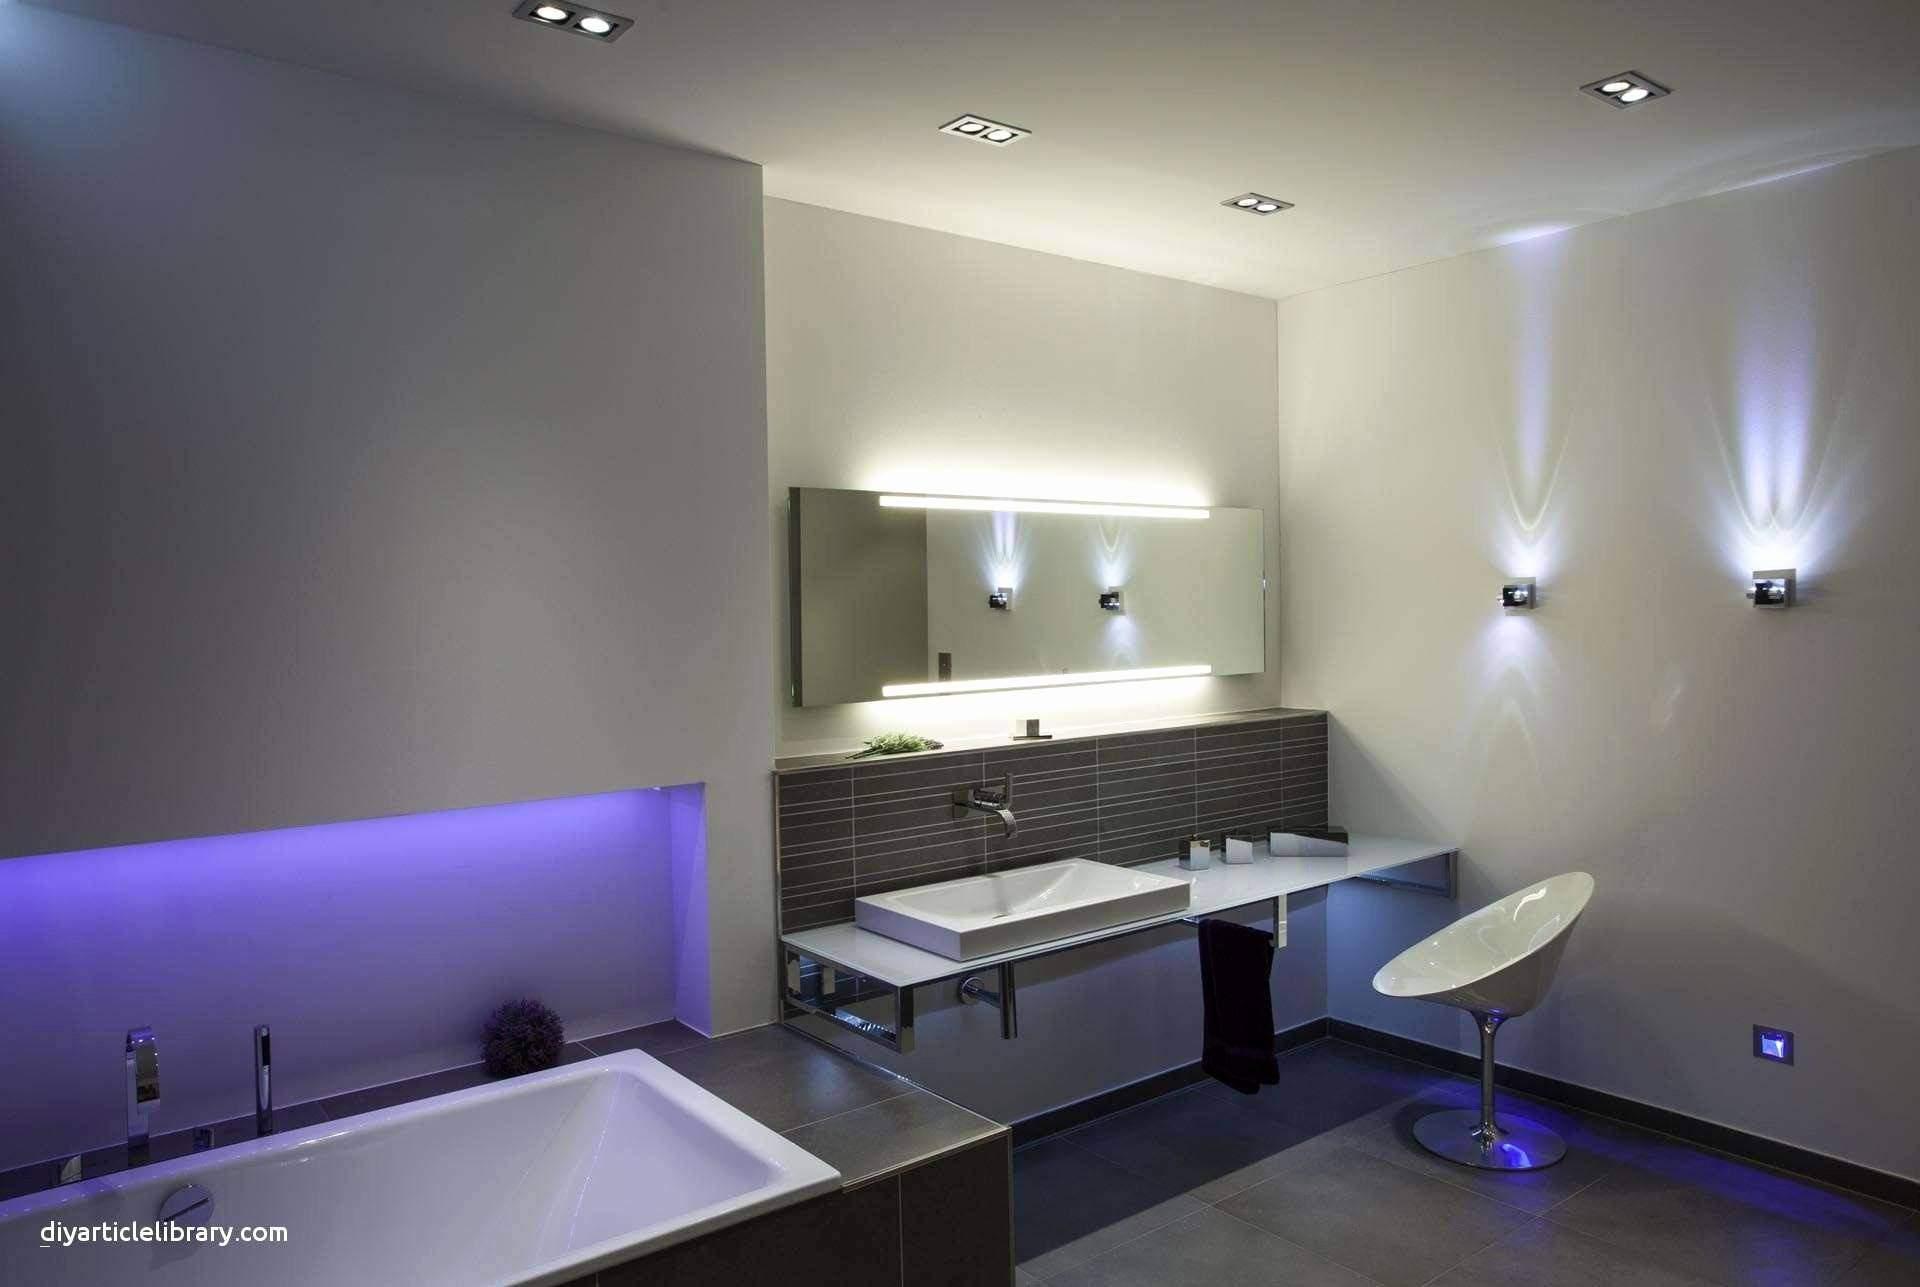 Full Size of Lampe Für Wohnzimmer Elegant Lieblich Wohnzimmer Lampen Design Konzept Wohnzimmer Wohnzimmer Lampen